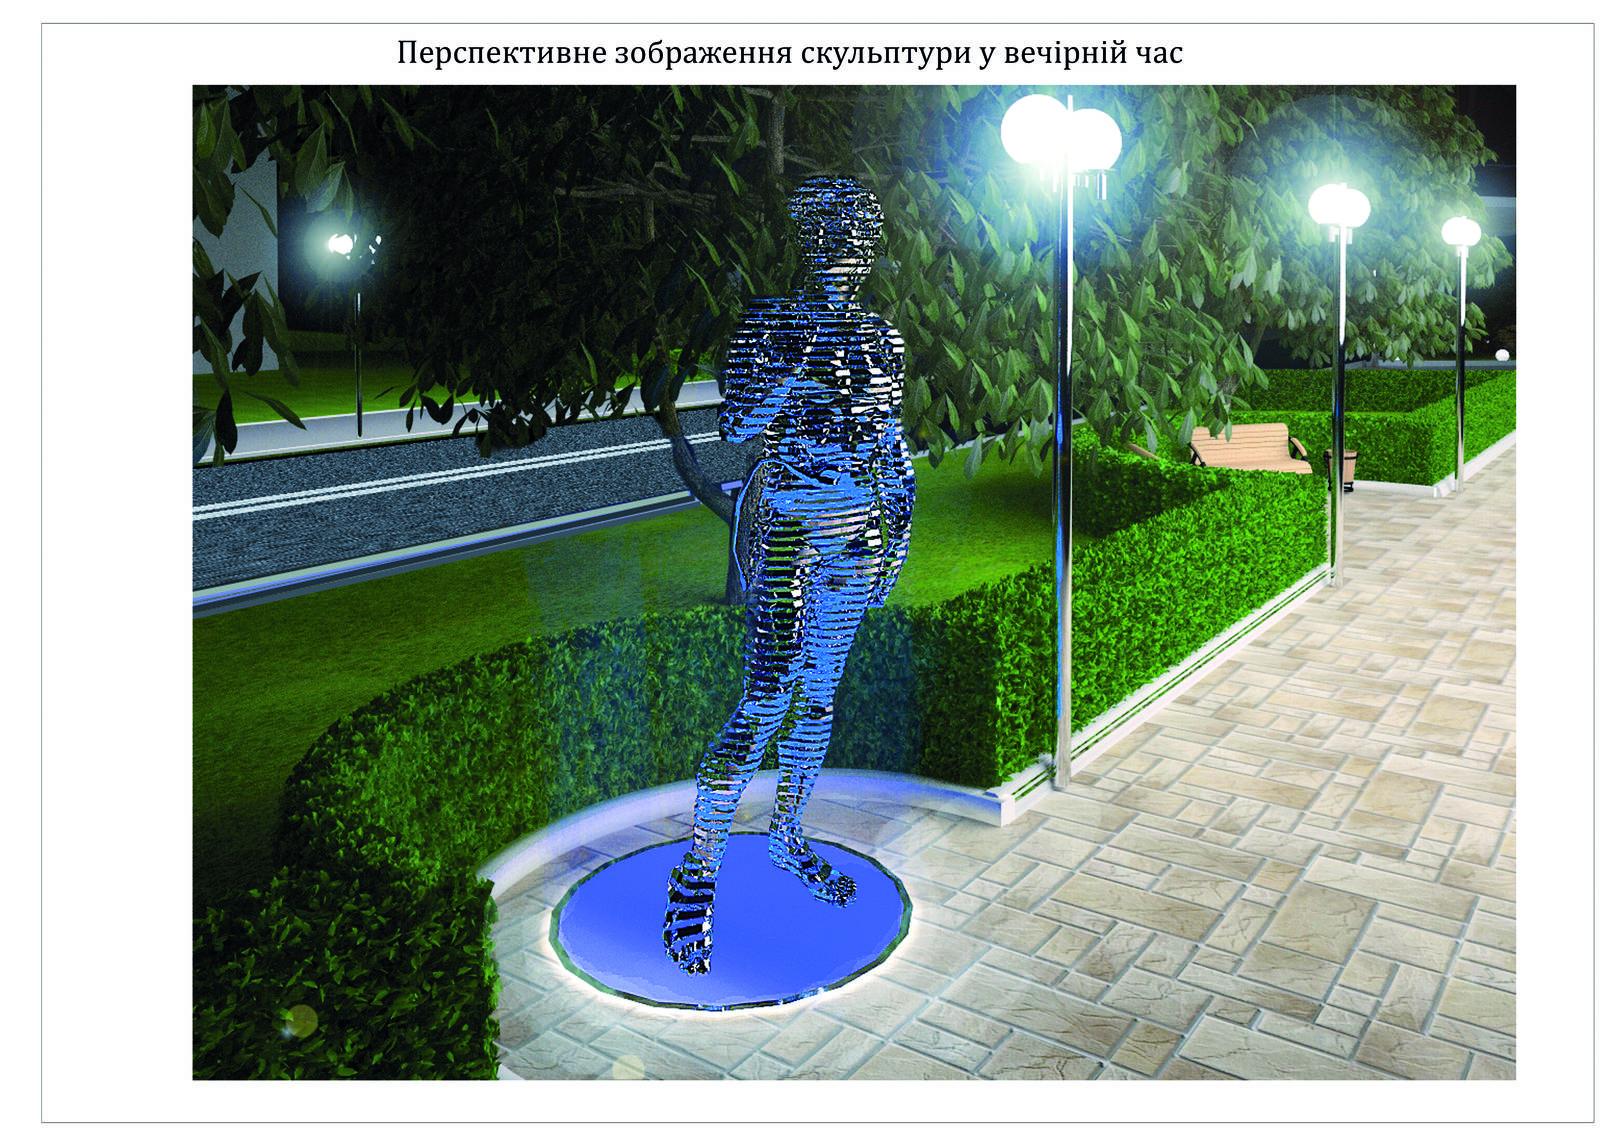 концепція скульптури 3ds max (вечірнє освітлення)